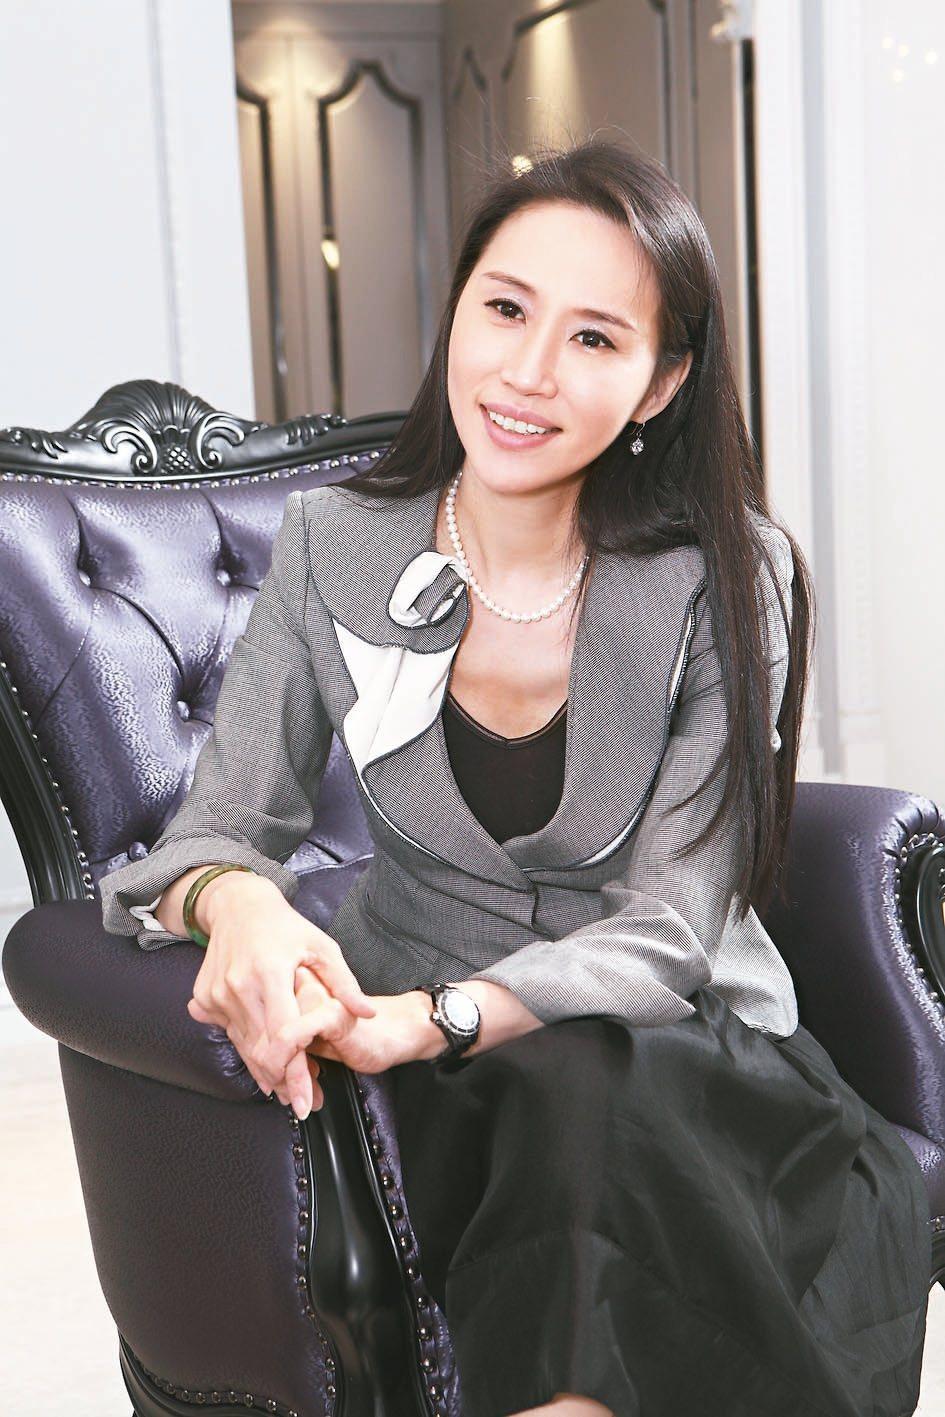 遠雄房地產總經理張麗蓉。 圖/張麗蓉提供